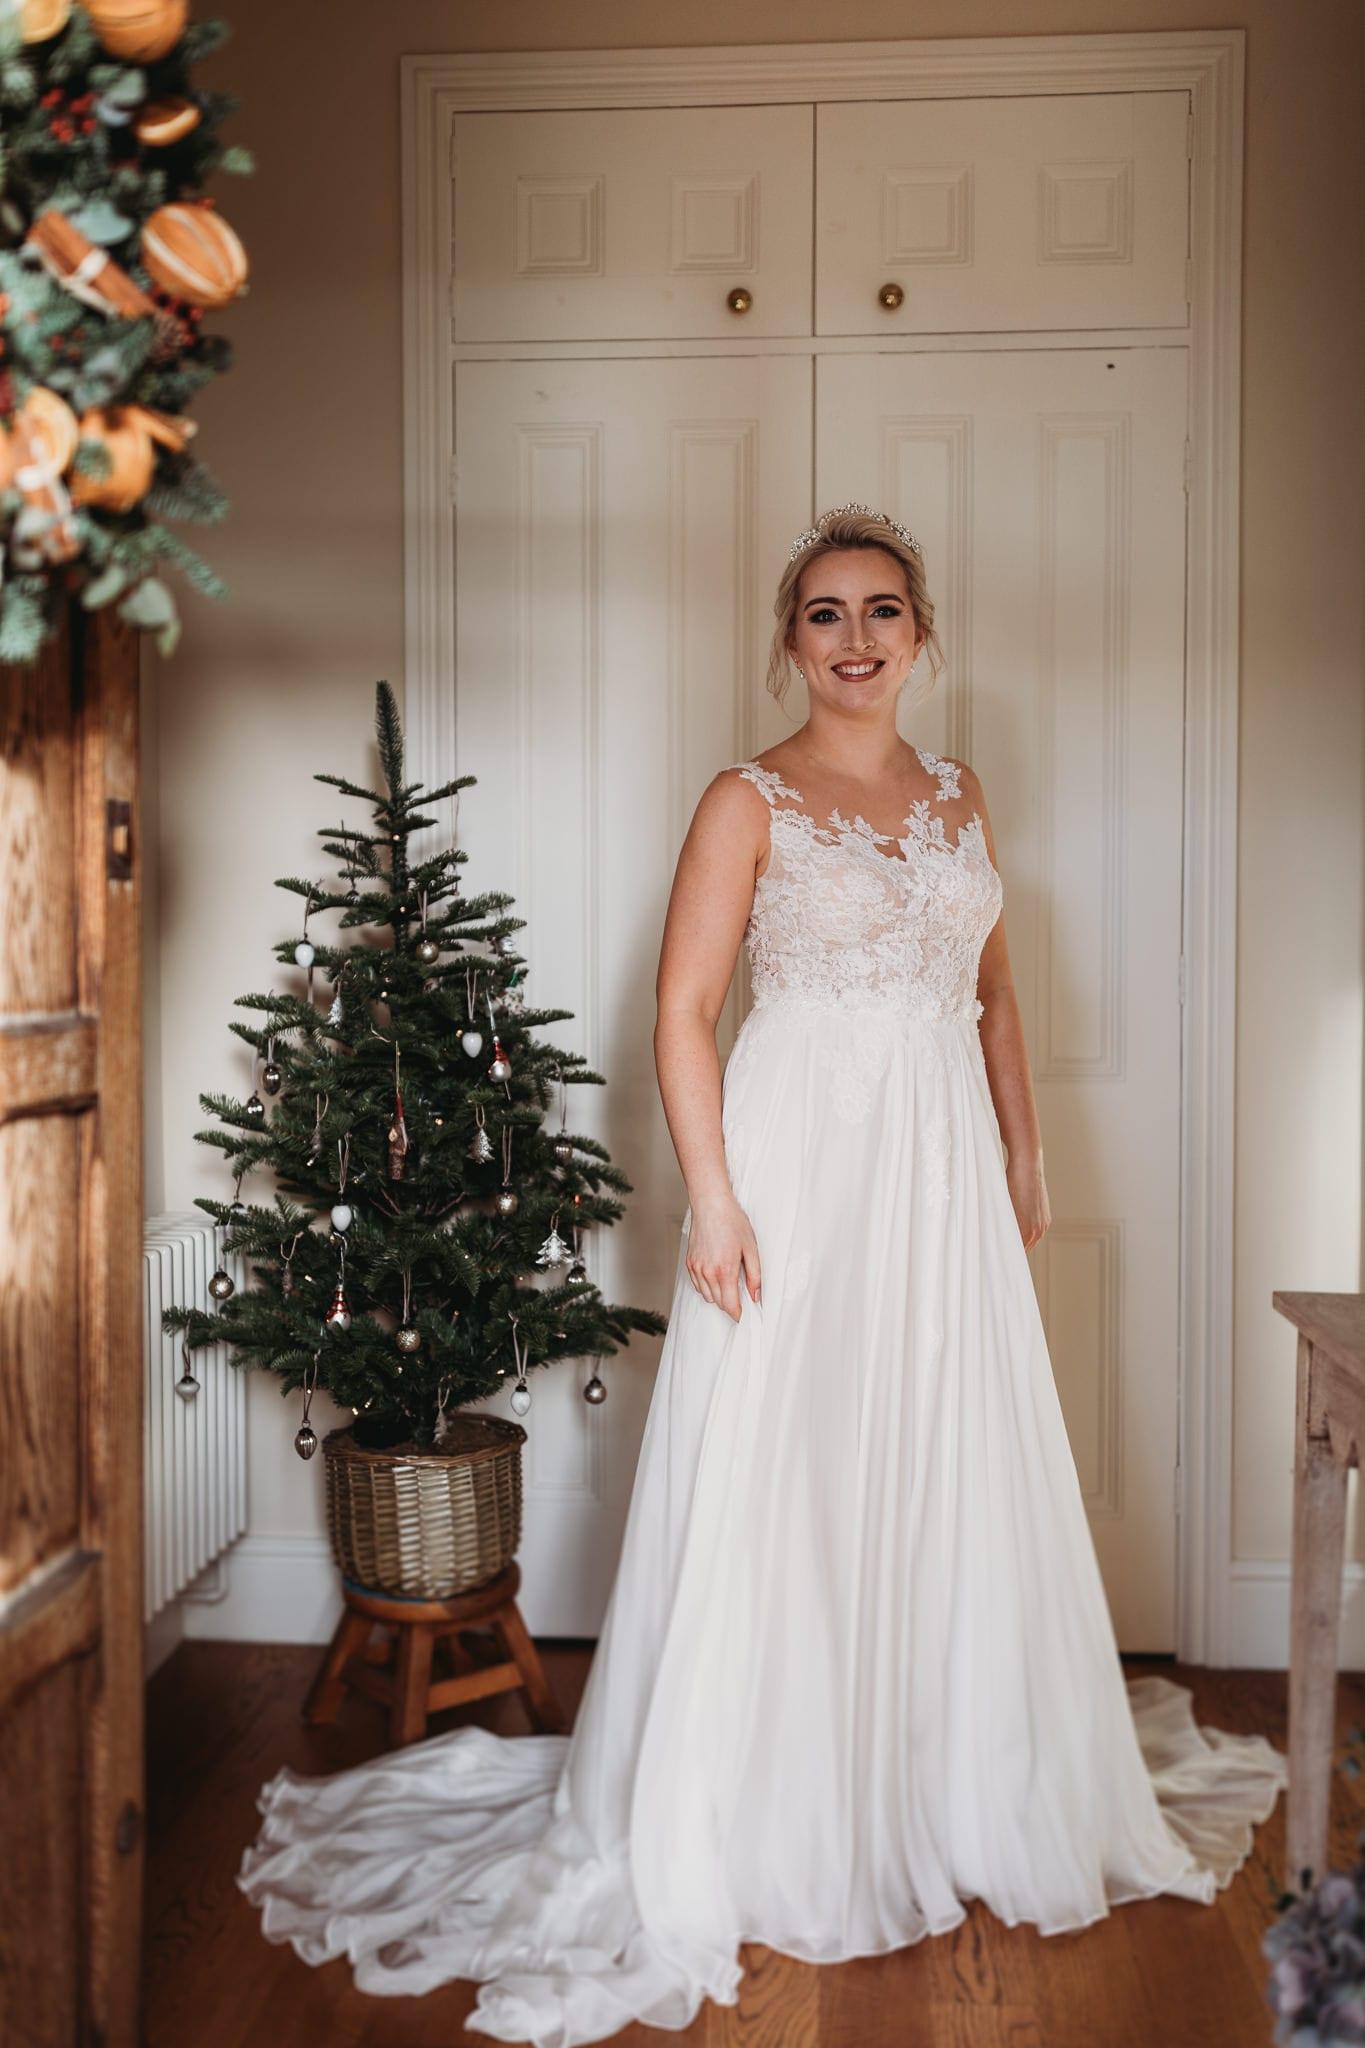 bride standing in hallway, door open, mini christmas tree in background on a stool